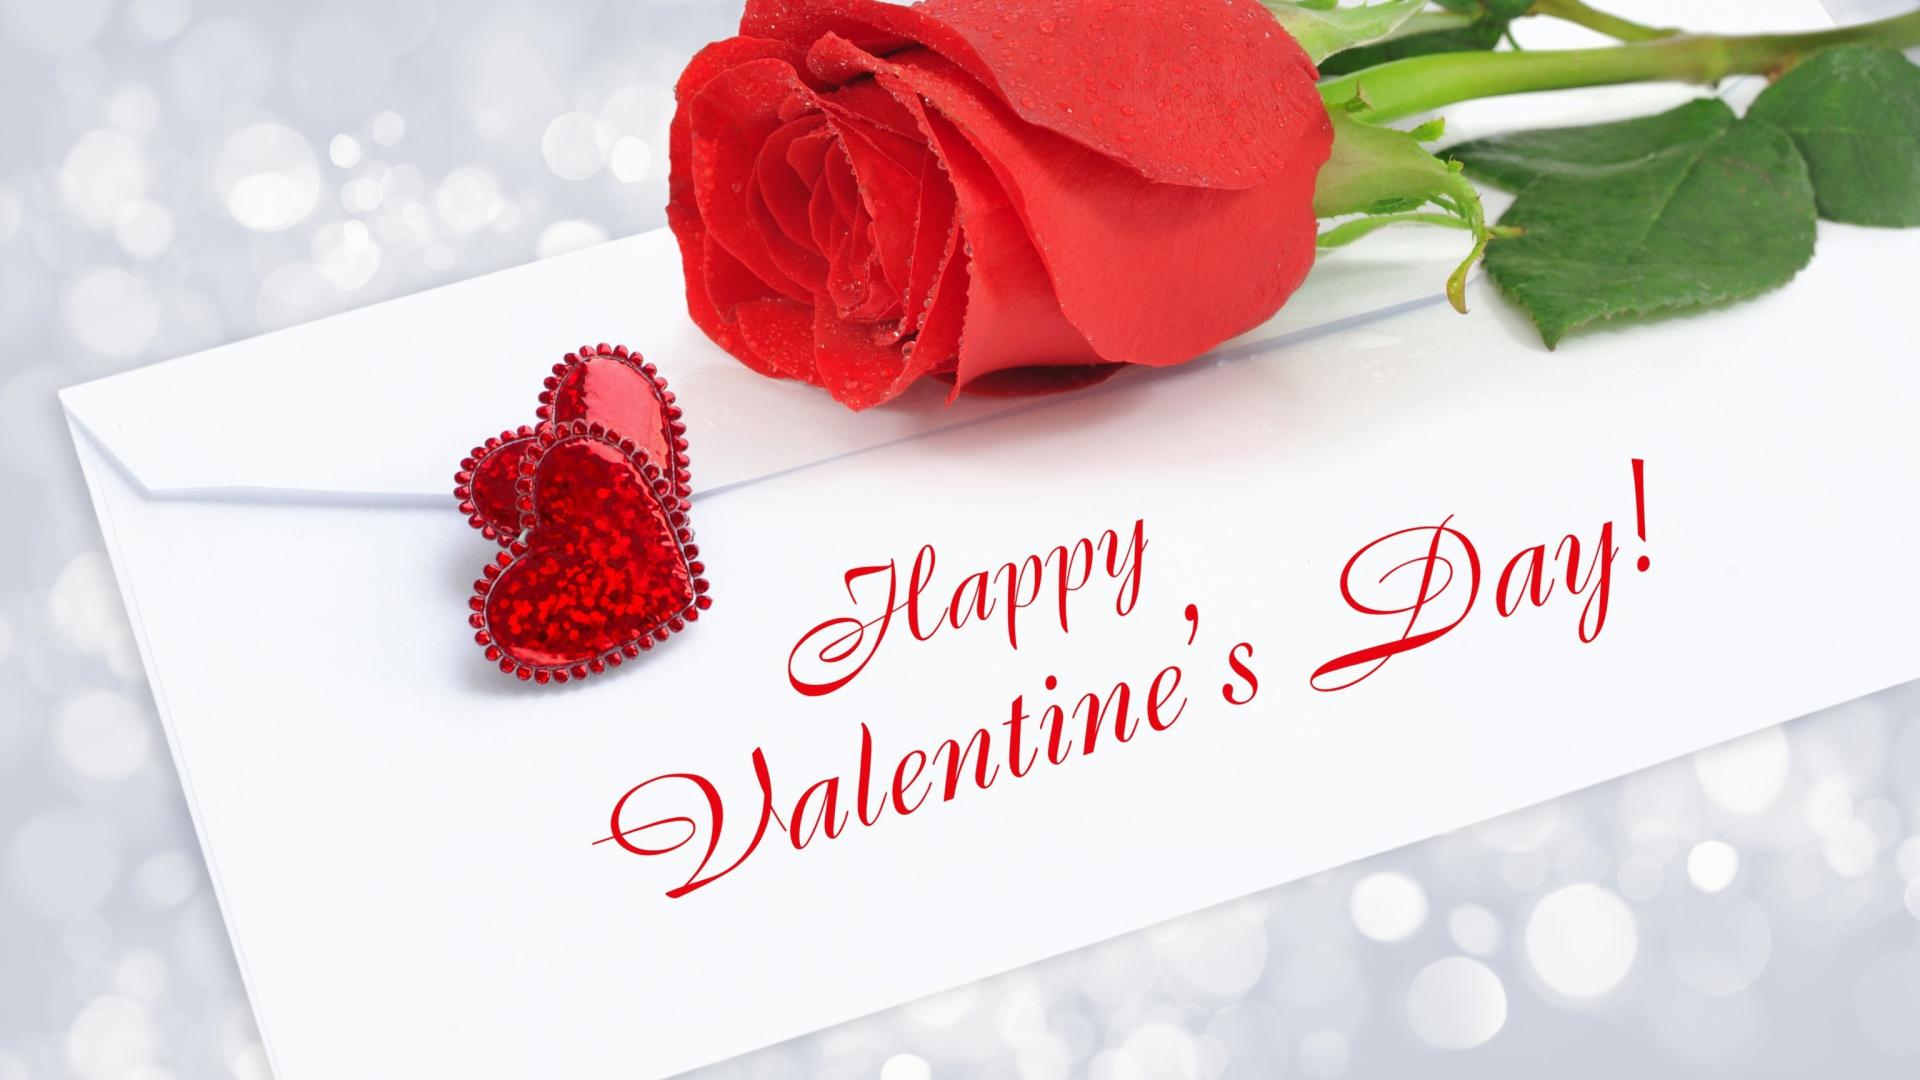 Valentine's Day HD Desktop